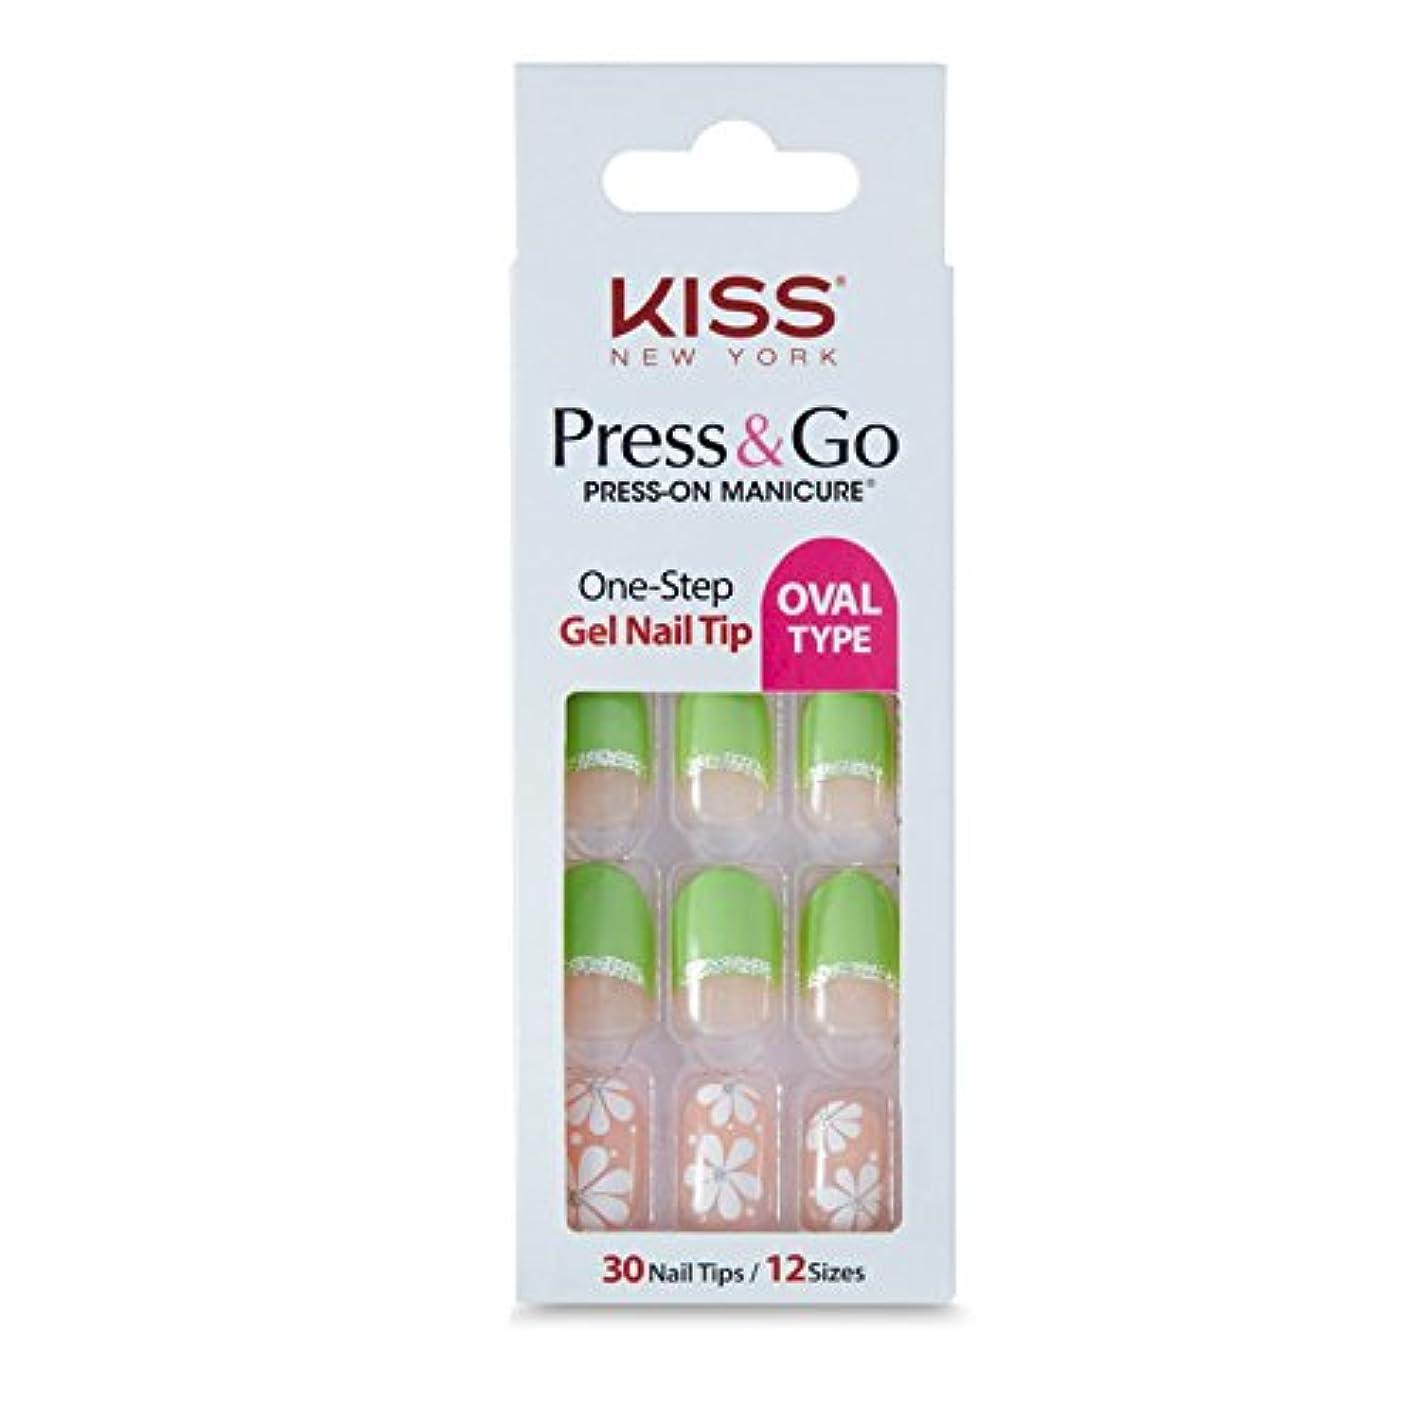 捧げる過度の勧める[KISSNEWYORK]キスニューヨークプレスアンドゴーホワイトショットフレンチ(楕円形オーバルタイプ)/1秒成形ネイルPNG0102K付けるネイルPRESS&GO PRESS-ON MANICURE One-Step...